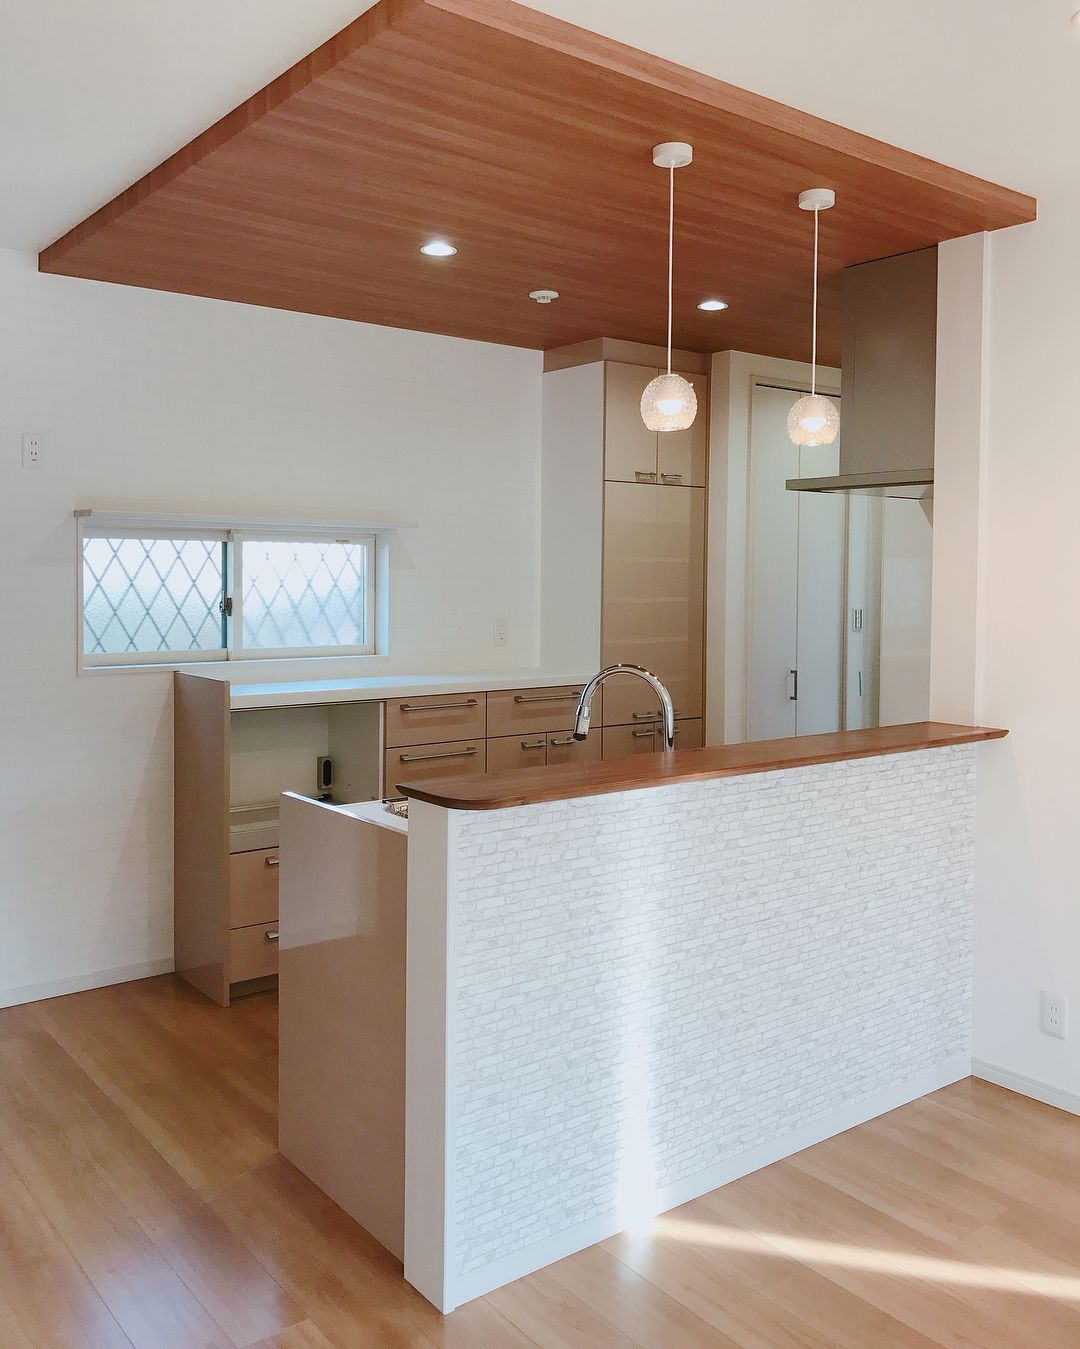 木目ブラウンとレンガ調ホワイトの優しいキッチン キッチンスペースの